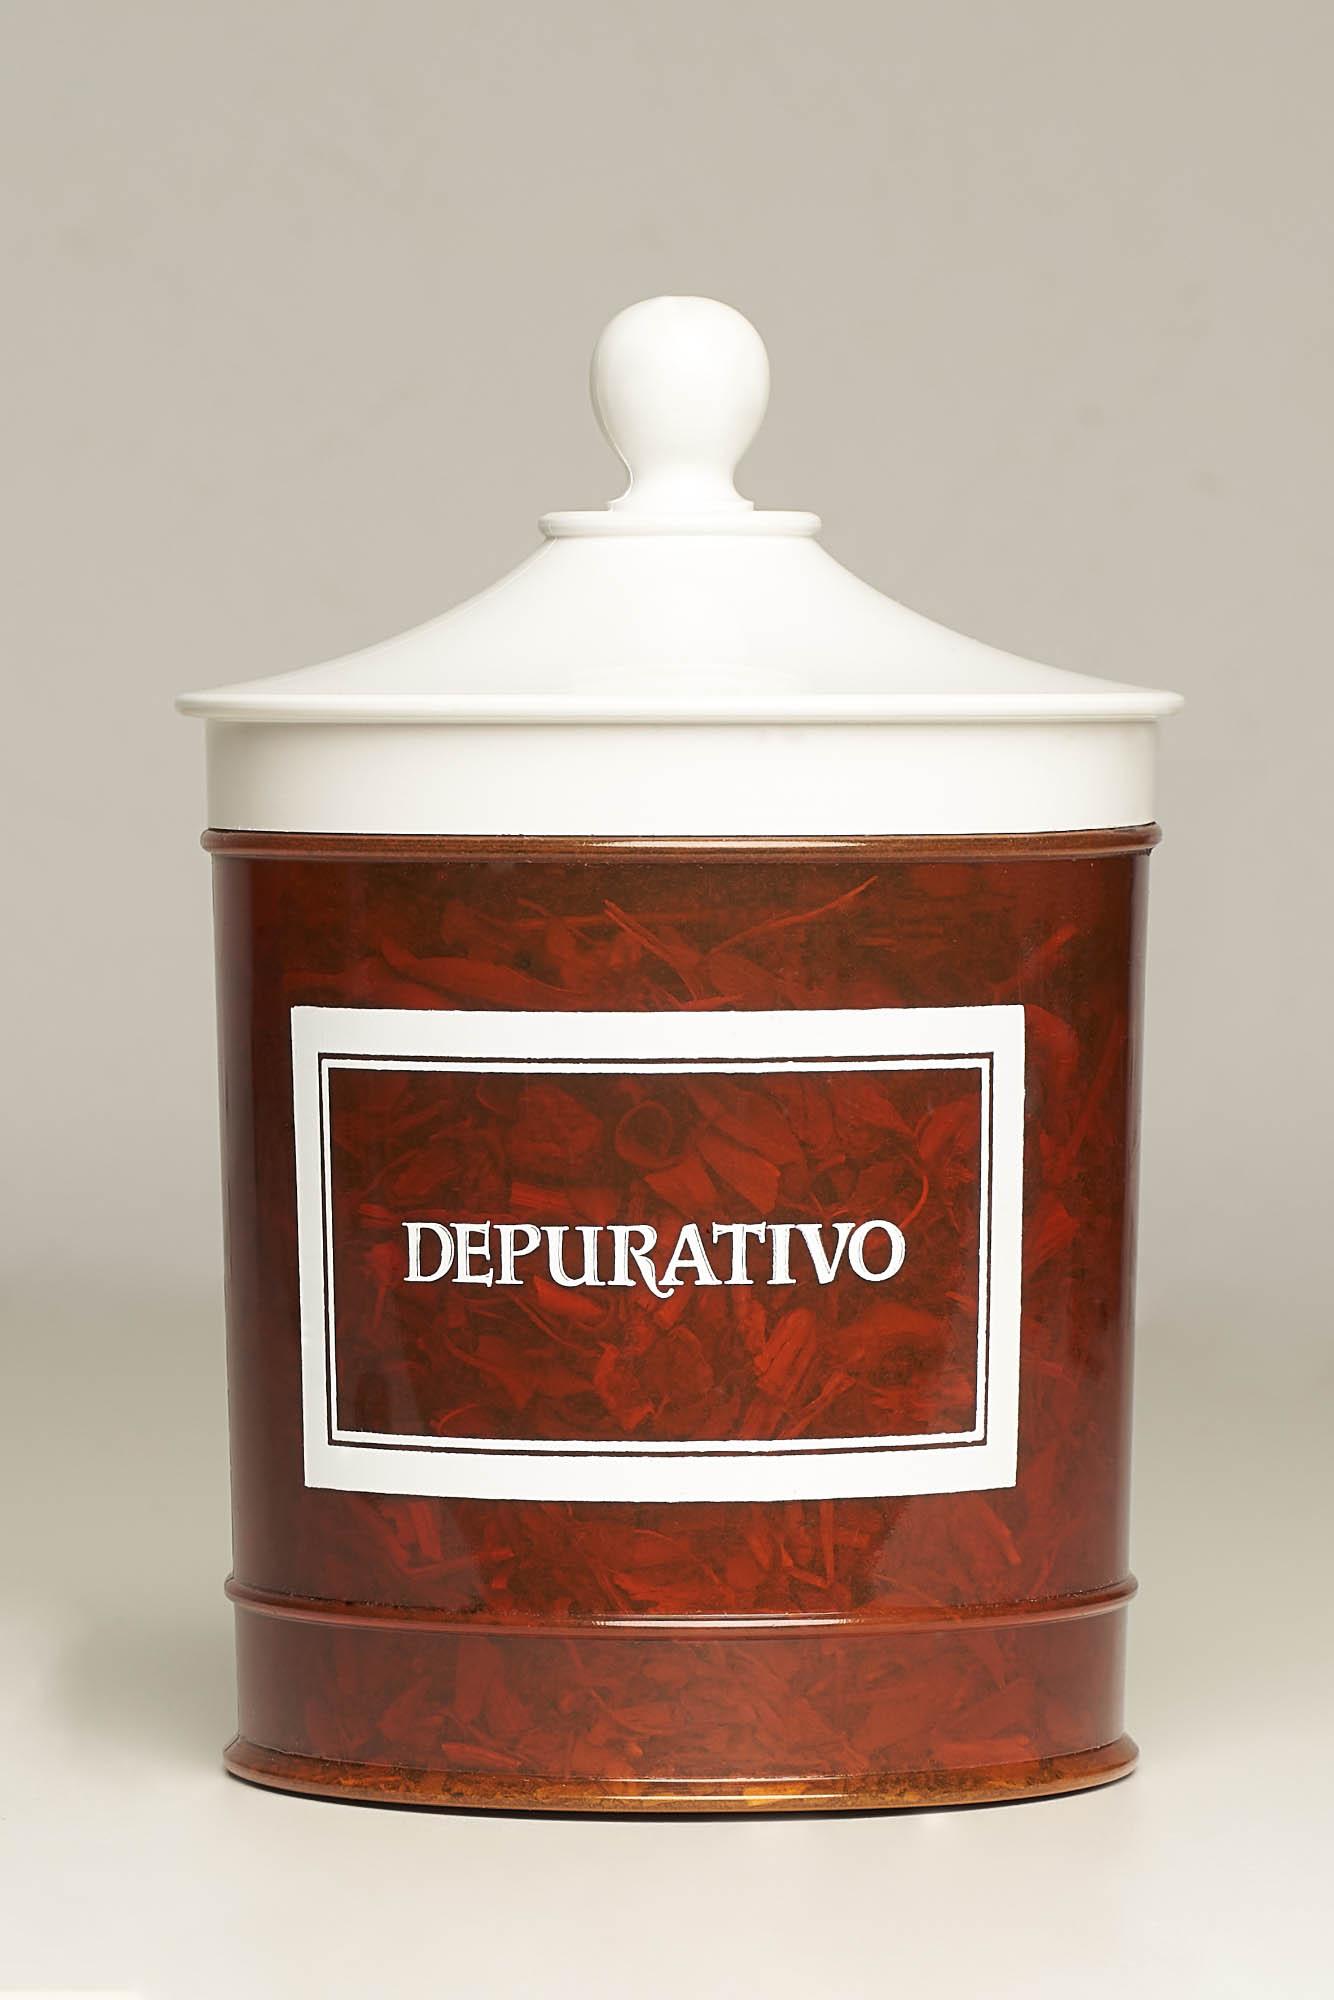 Depurativo (Depurphyton) Pl. Med. Dr. Pinadep